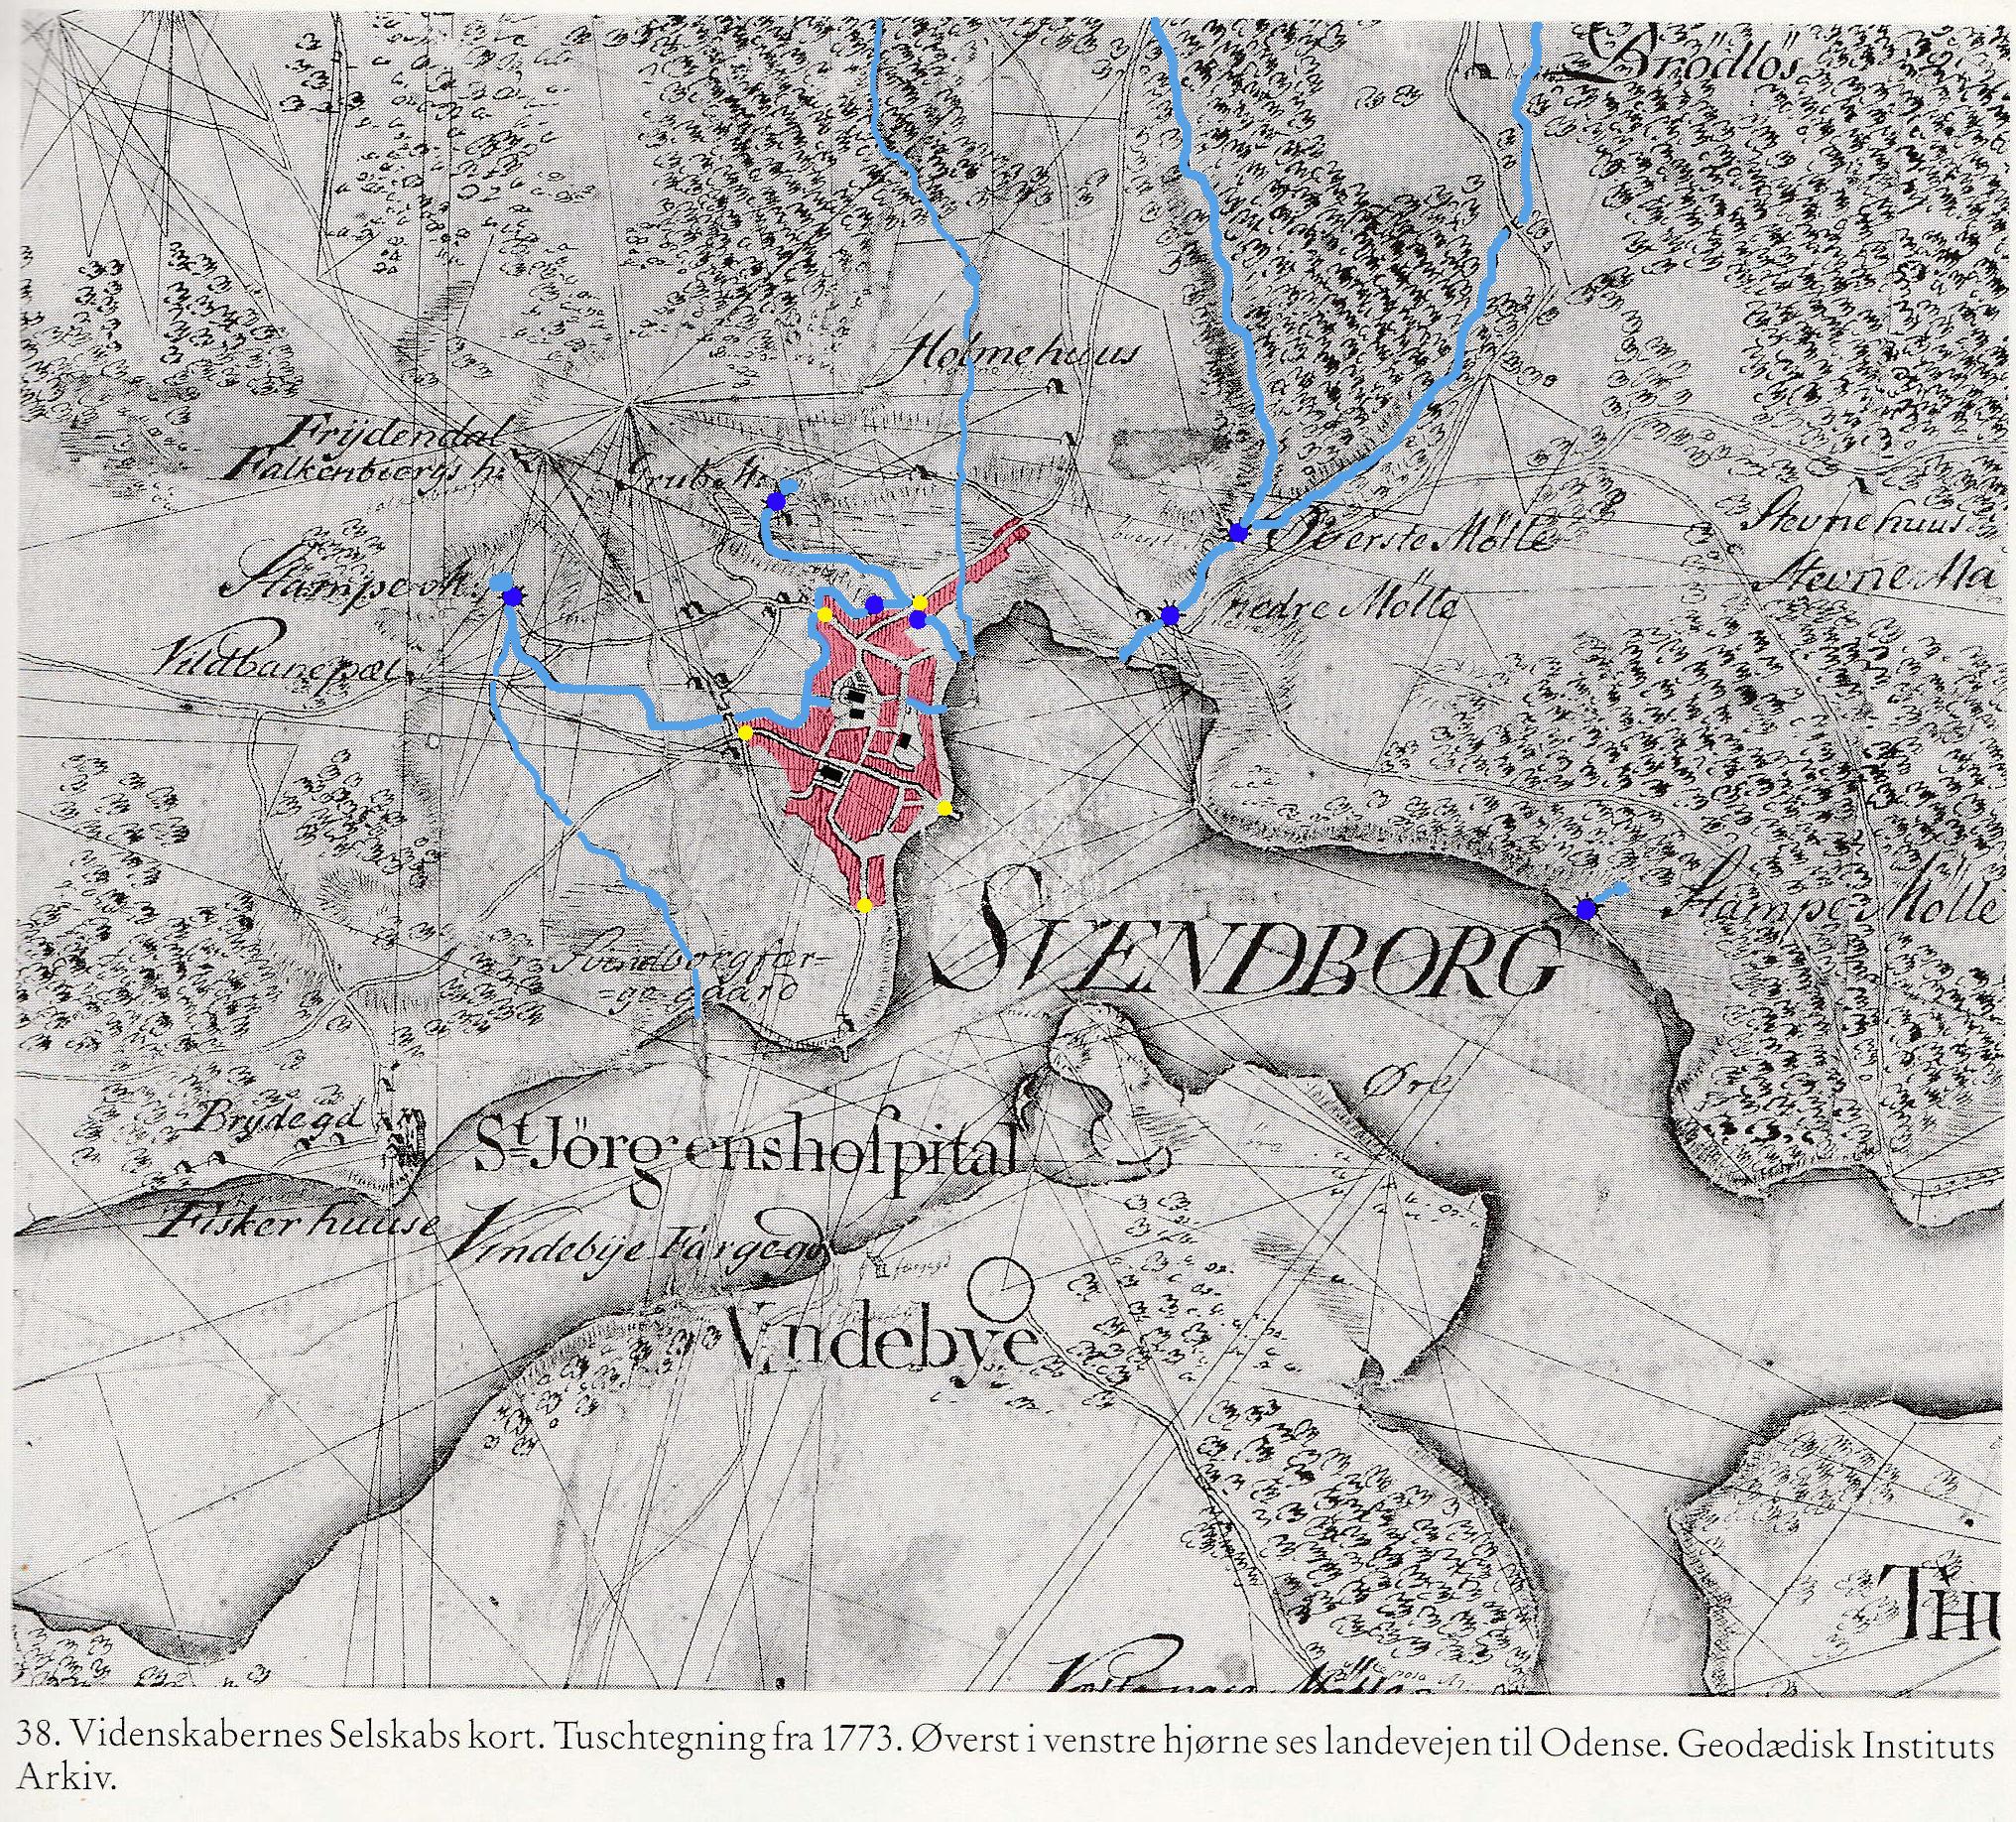 3 Møllers historie 1788-1958 - Christiansmøllen Svendborg